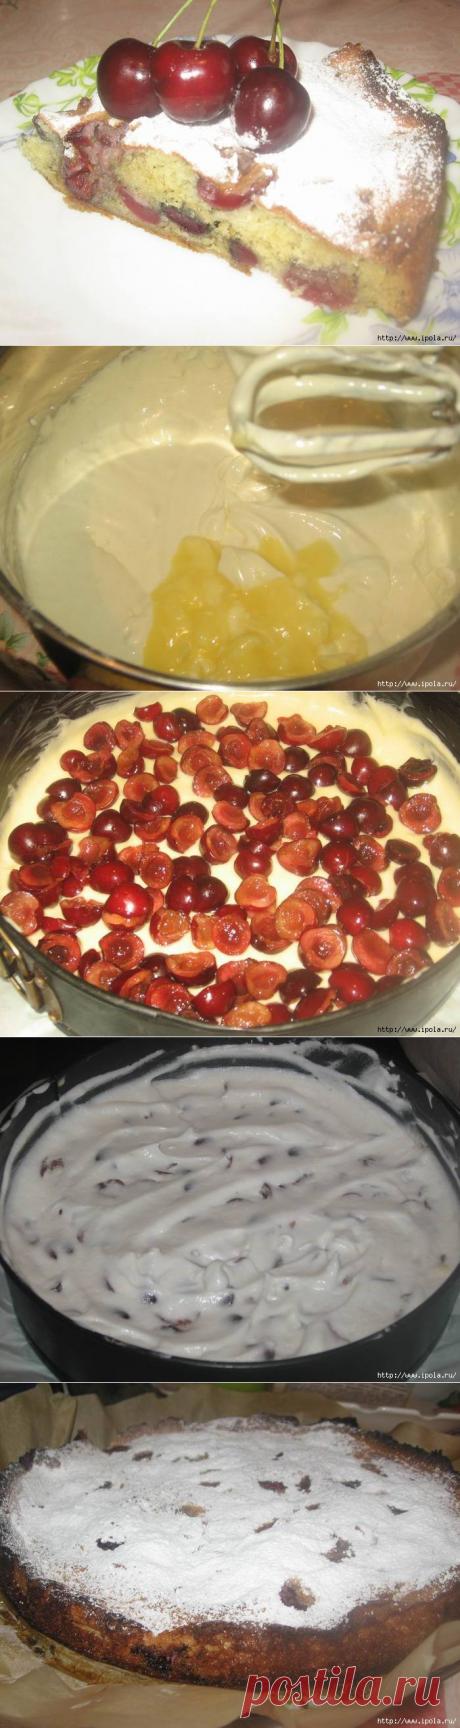 Лёгкий пирог с черешней